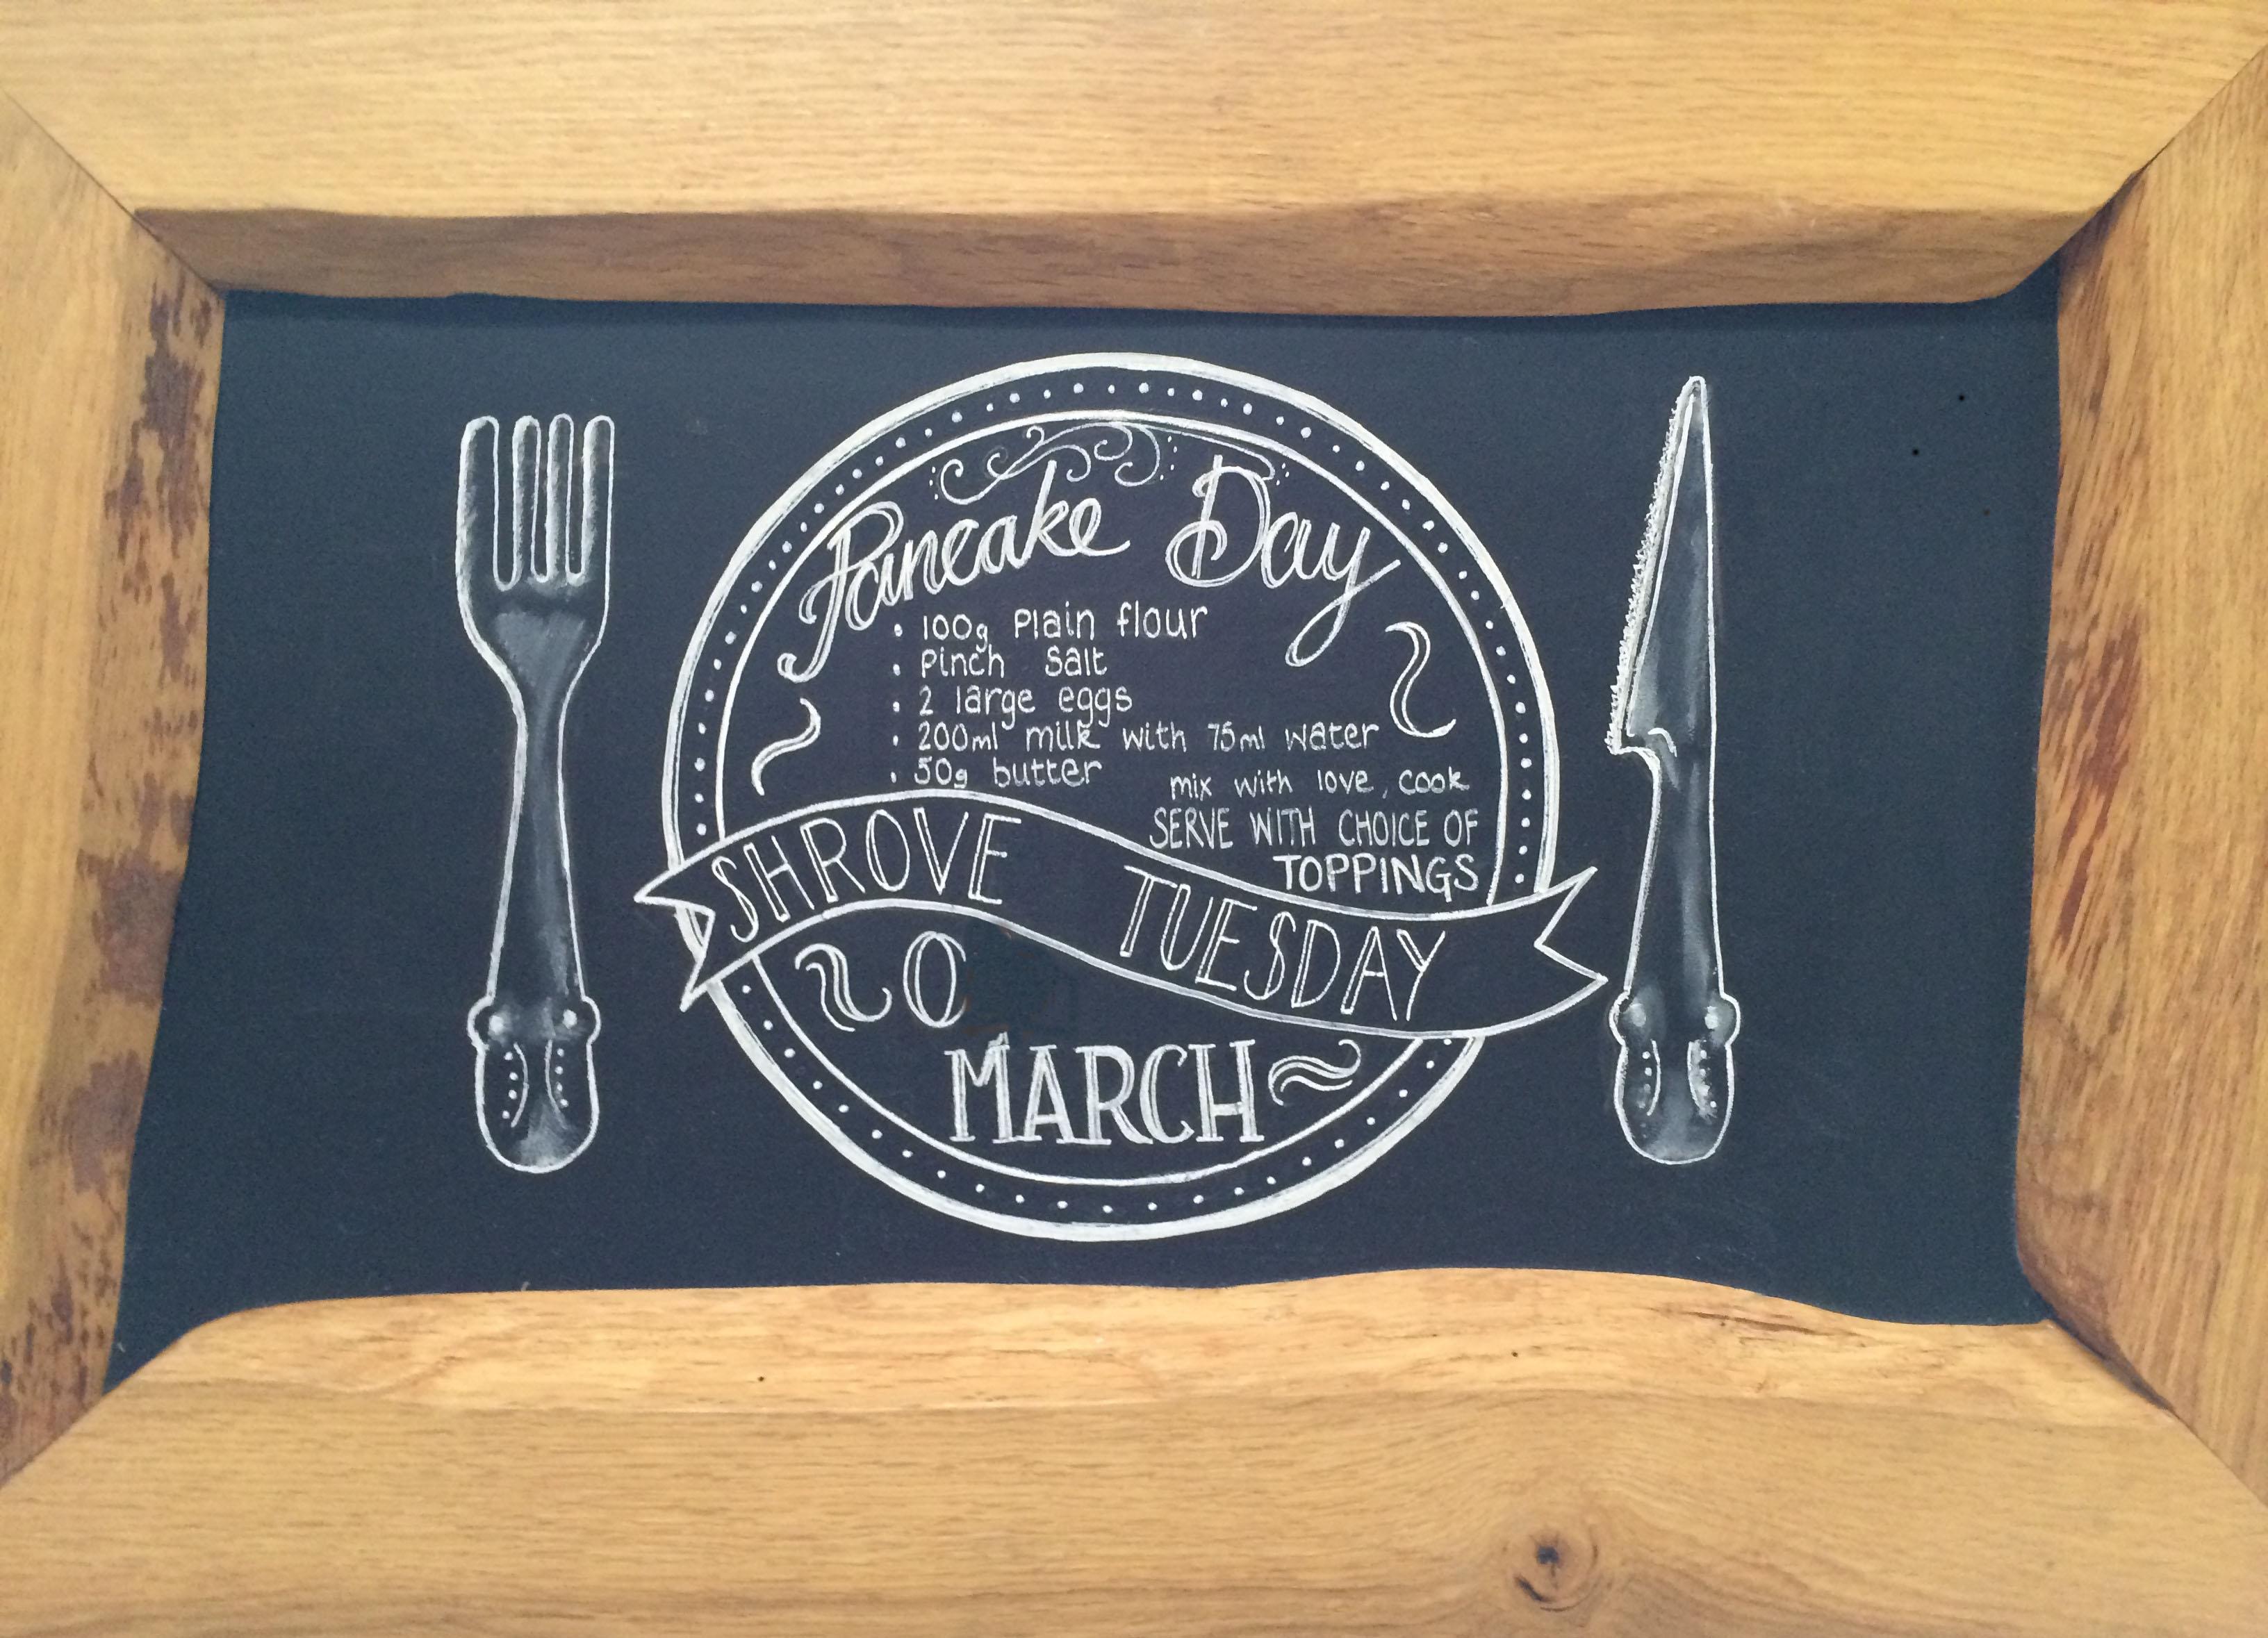 Shrove Tuesday Pancake Day 2019